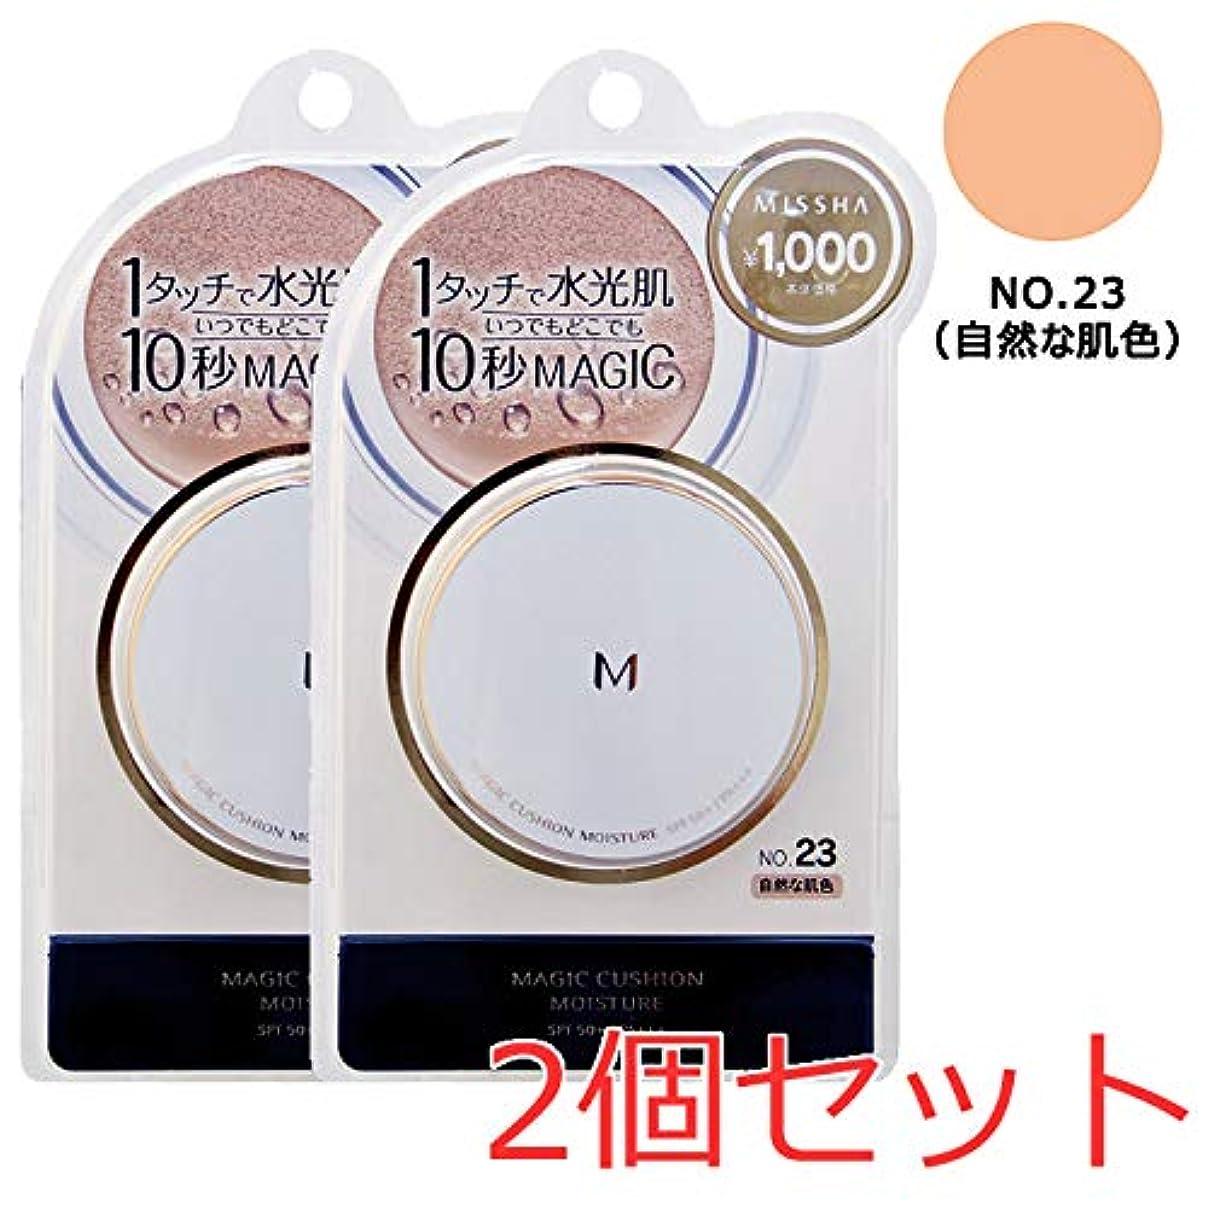 雑草セール代替案ミシャ M クッション ファンデーション (モイスチャー) No.23 自然な肌色 2個セット